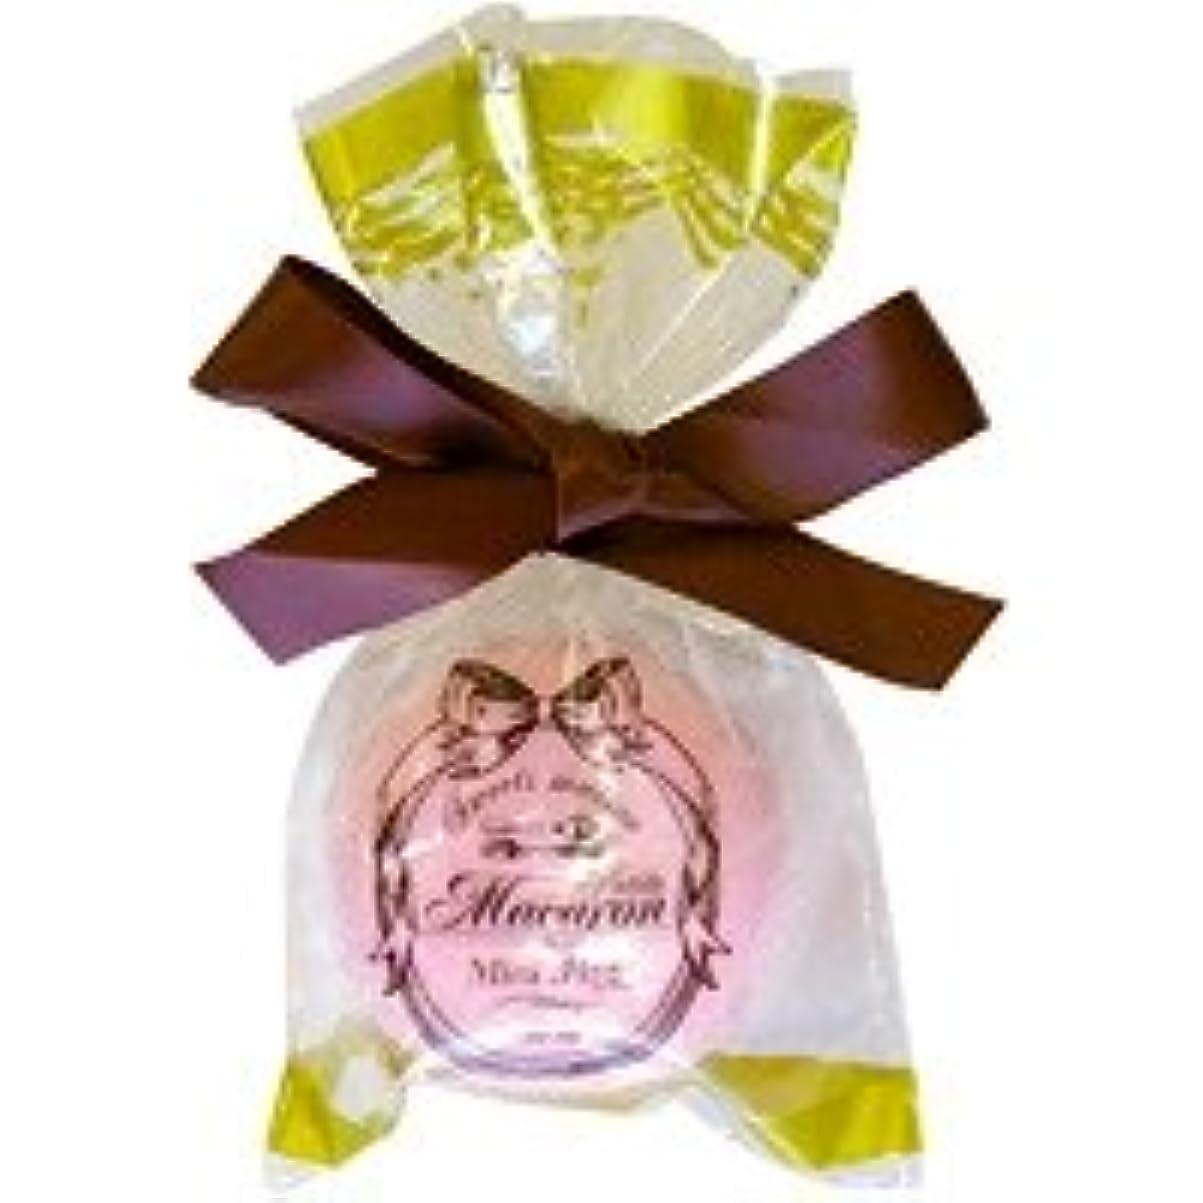 骨コンテスト集中スウィーツメゾン プチマカロンフィズ「ピンク」12個セット 甘酸っぱいラズベリーの香り